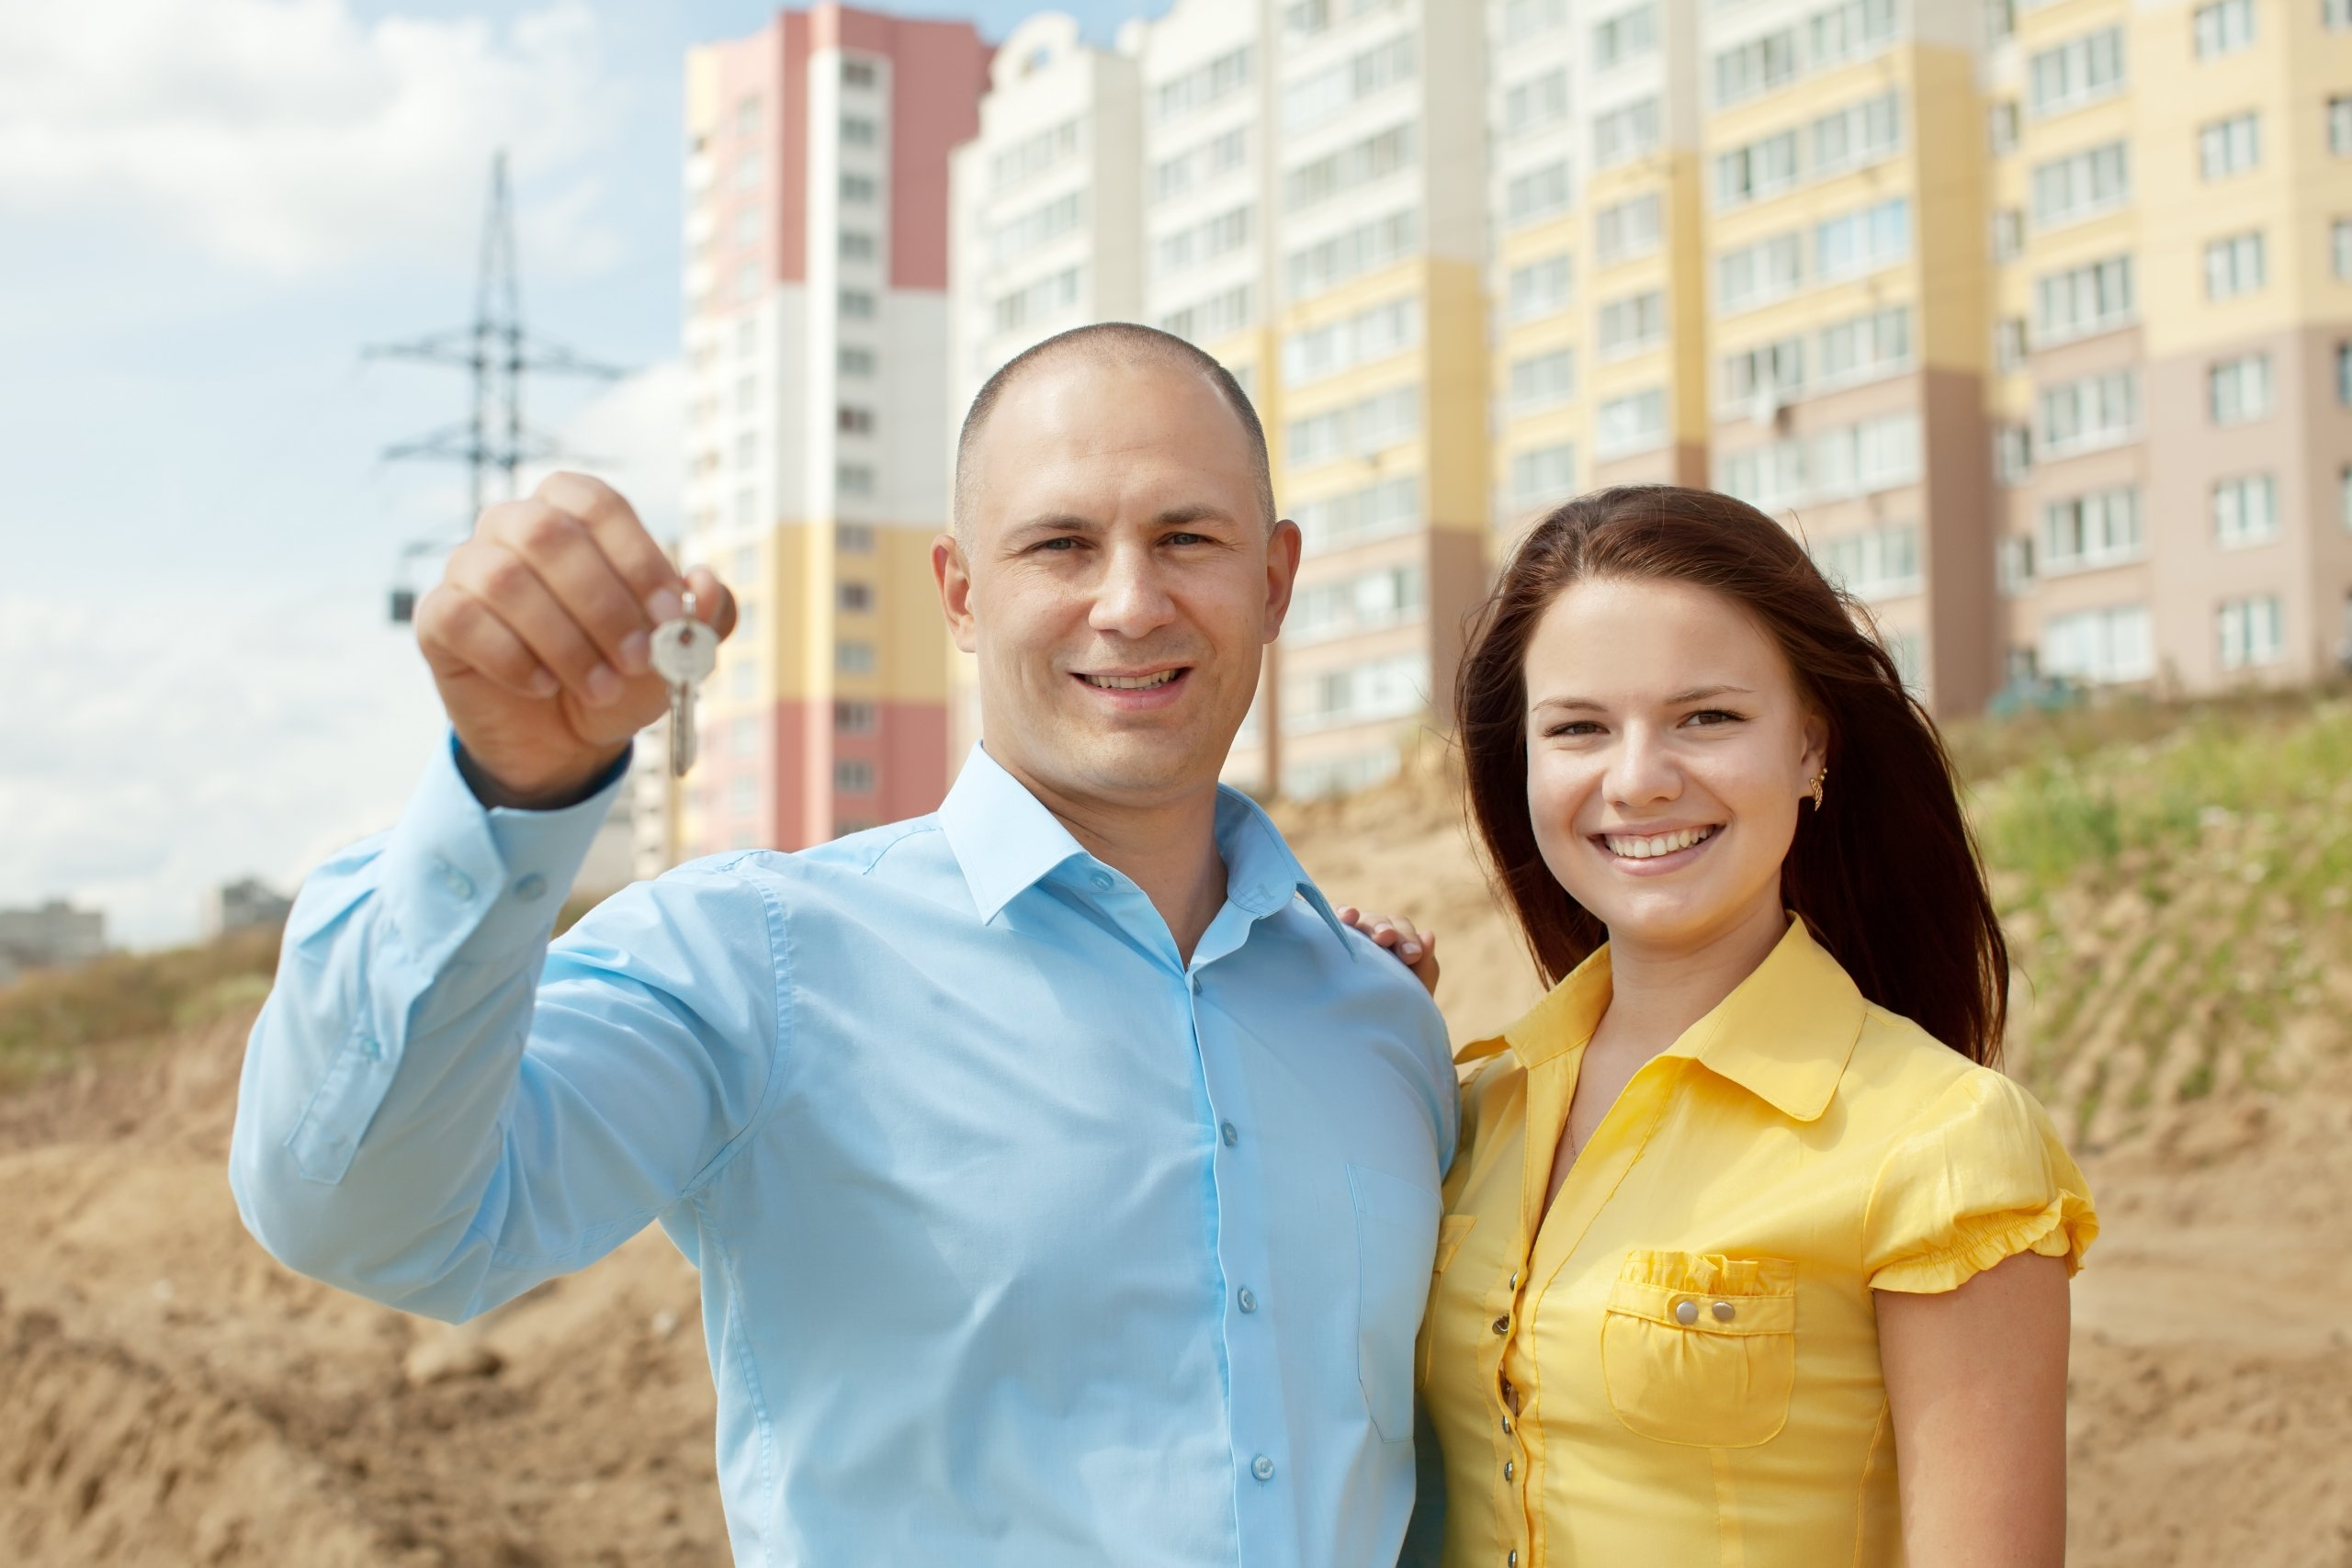 Foto de una pareja que recibiendo llave de su nueva vivienda